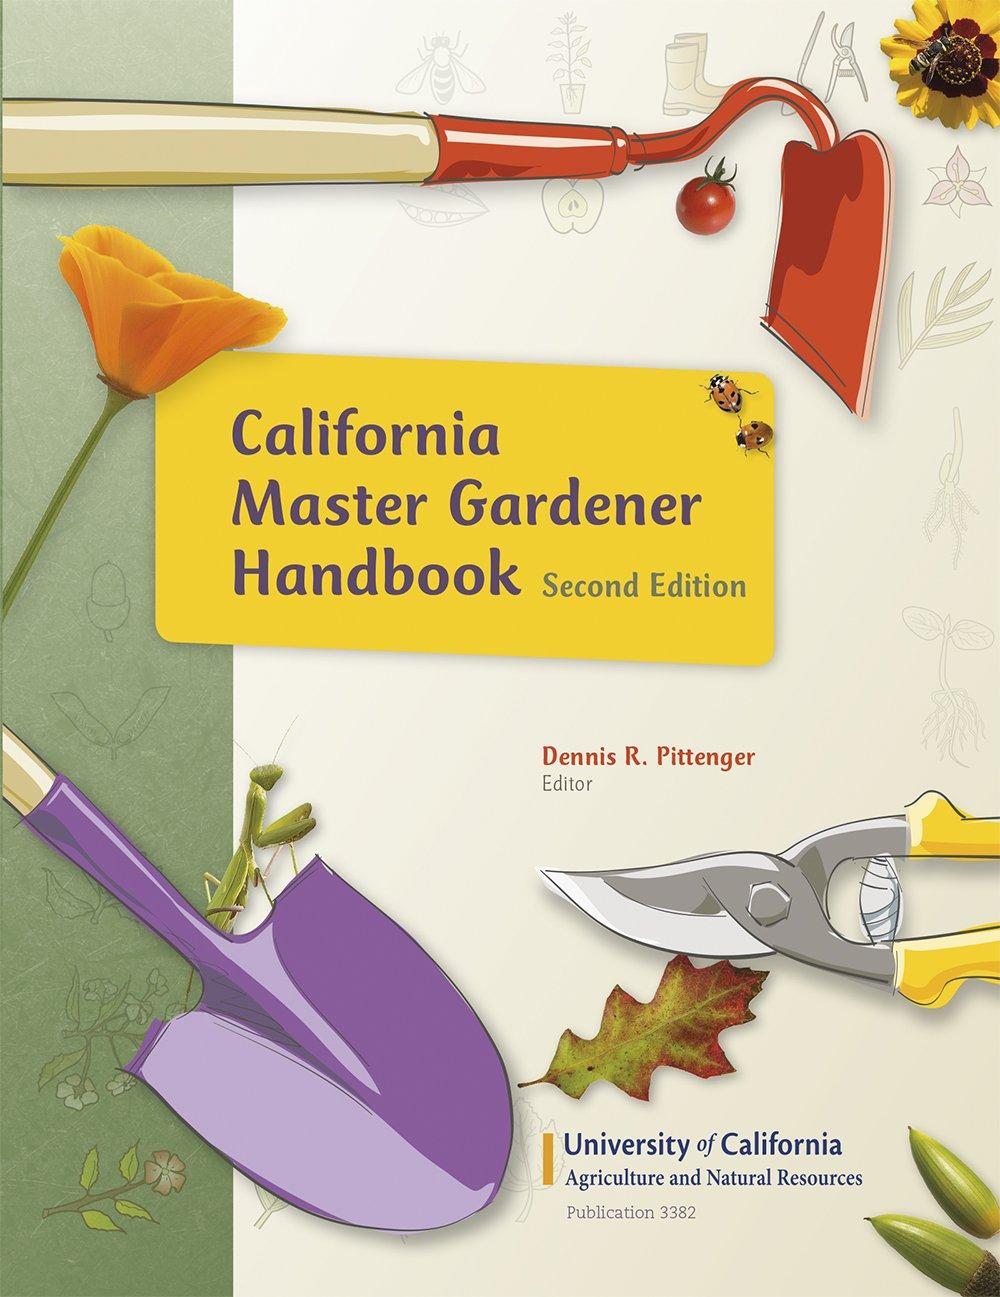 California Master Gardener Handbook, 2nd Edition